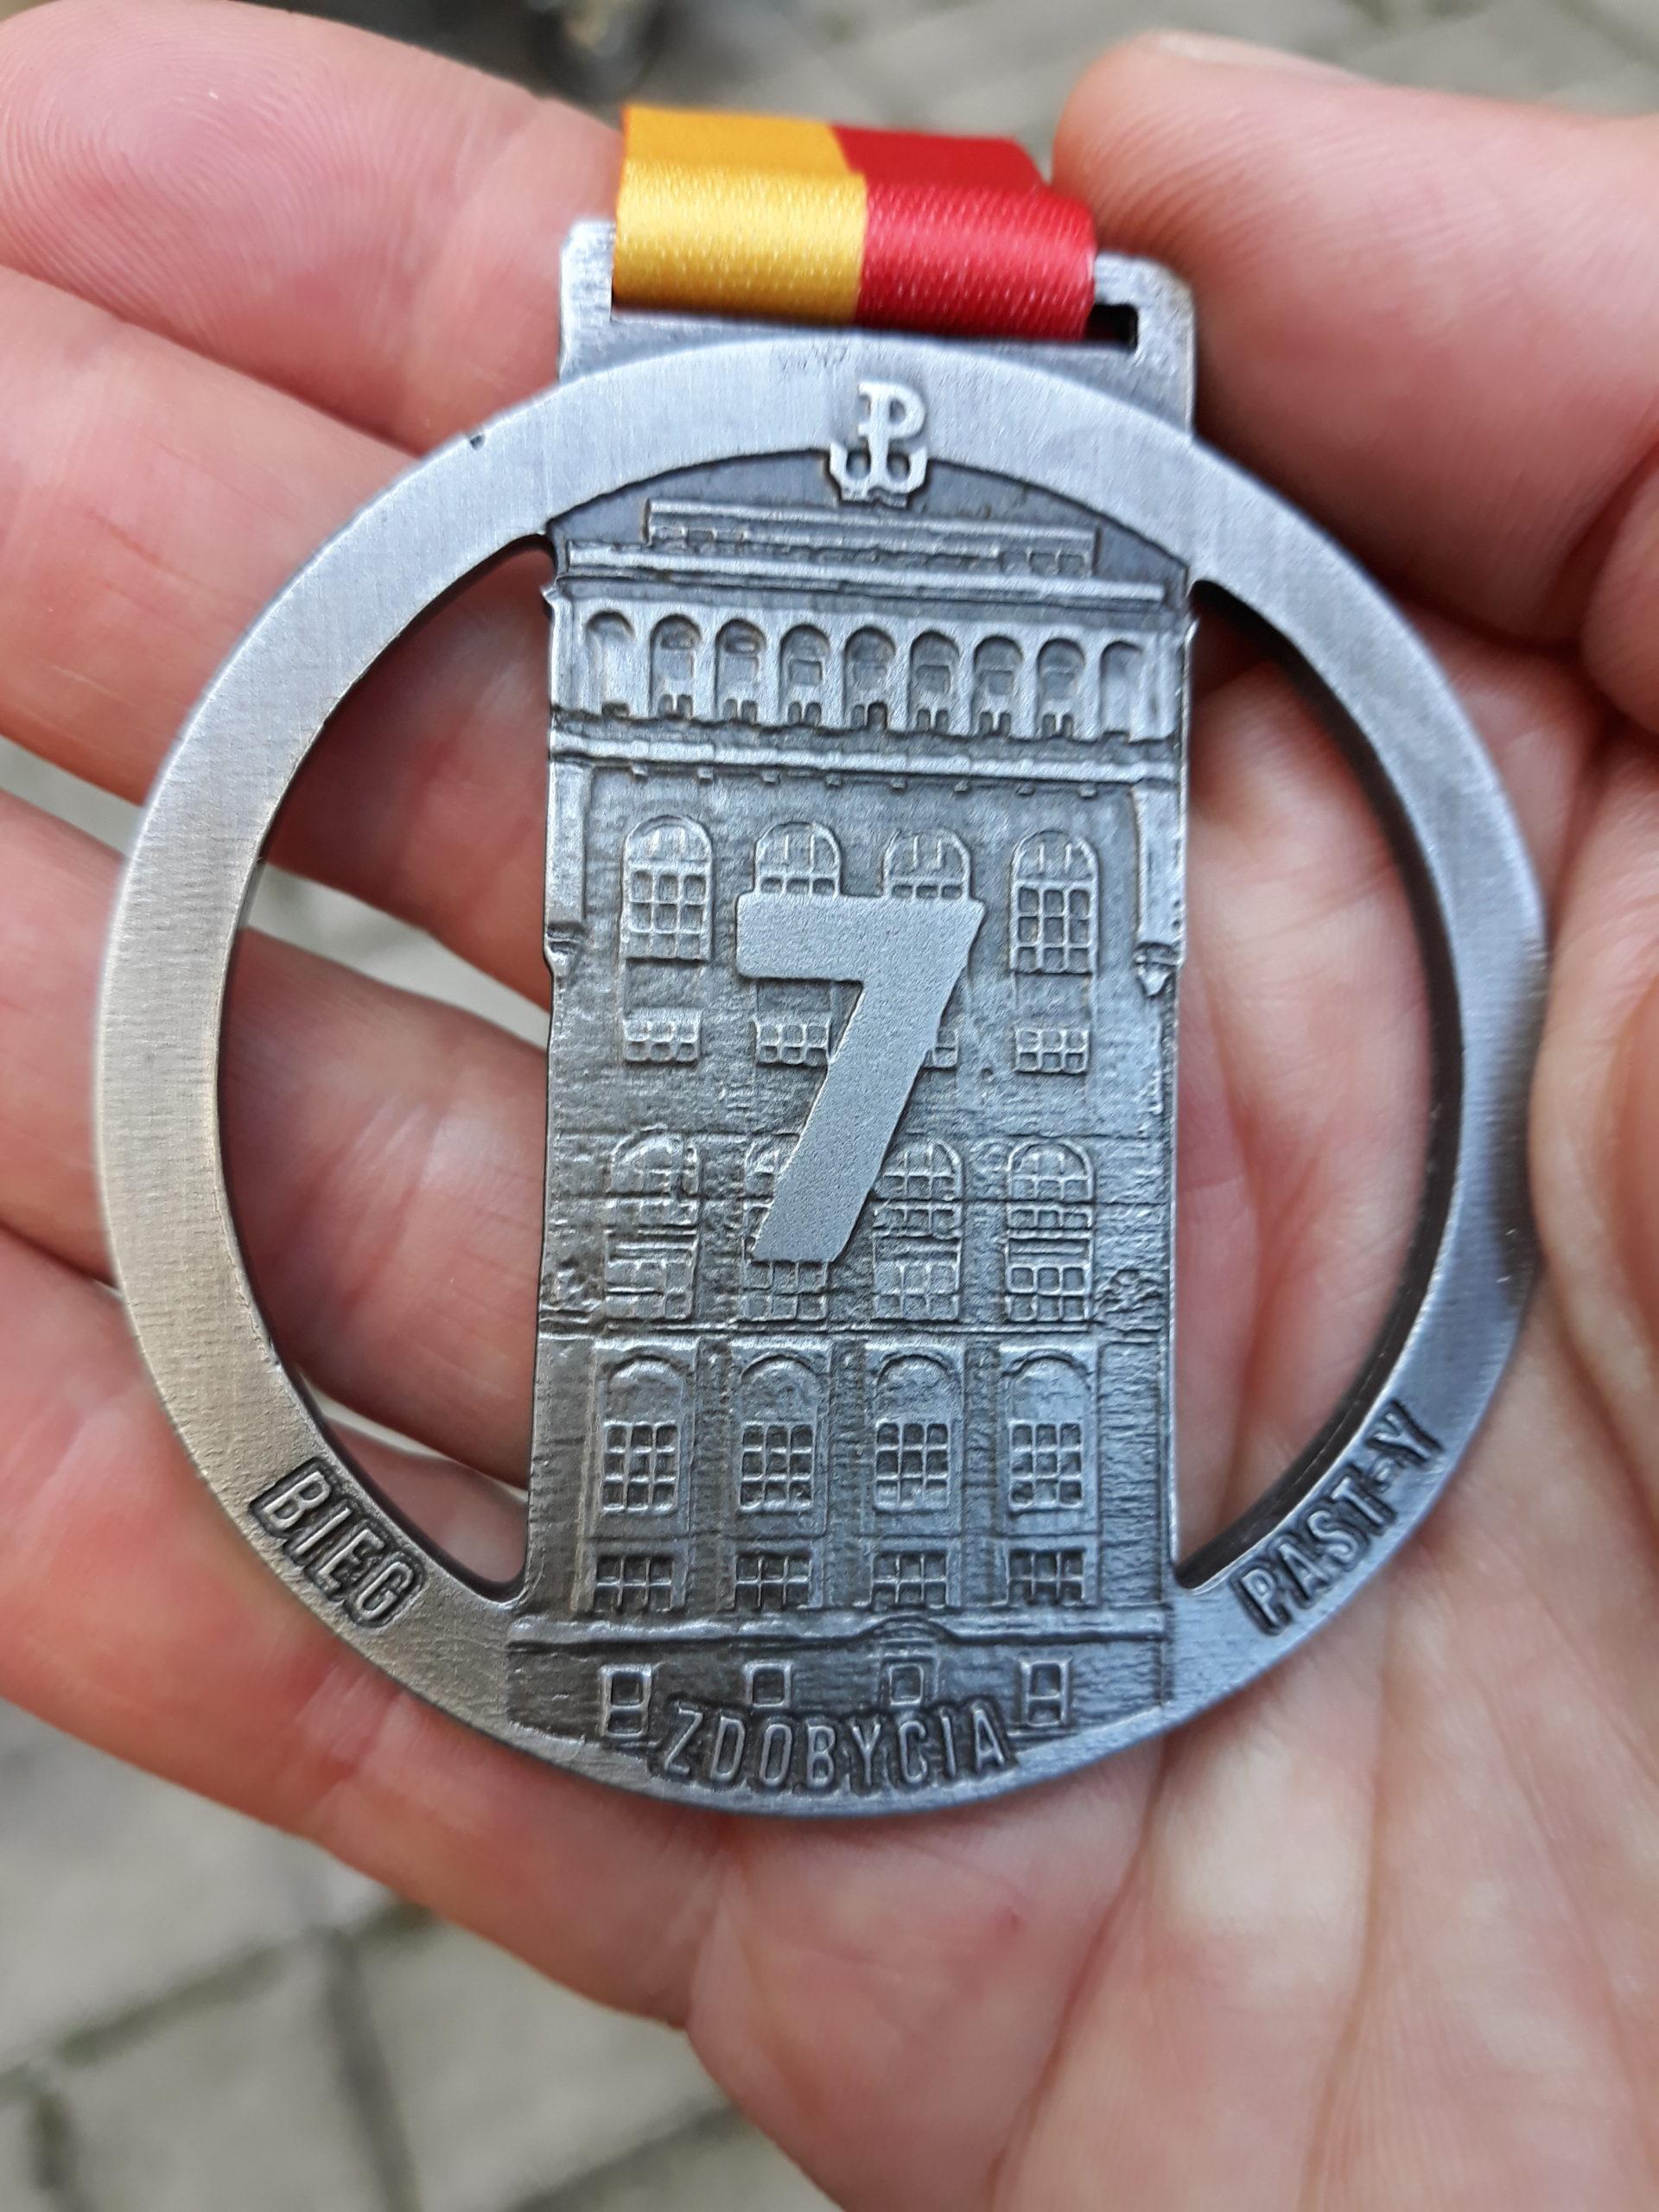 VII Bieg Zdobycia PAST-y - Warszawa 22 sierpnia 2020r.